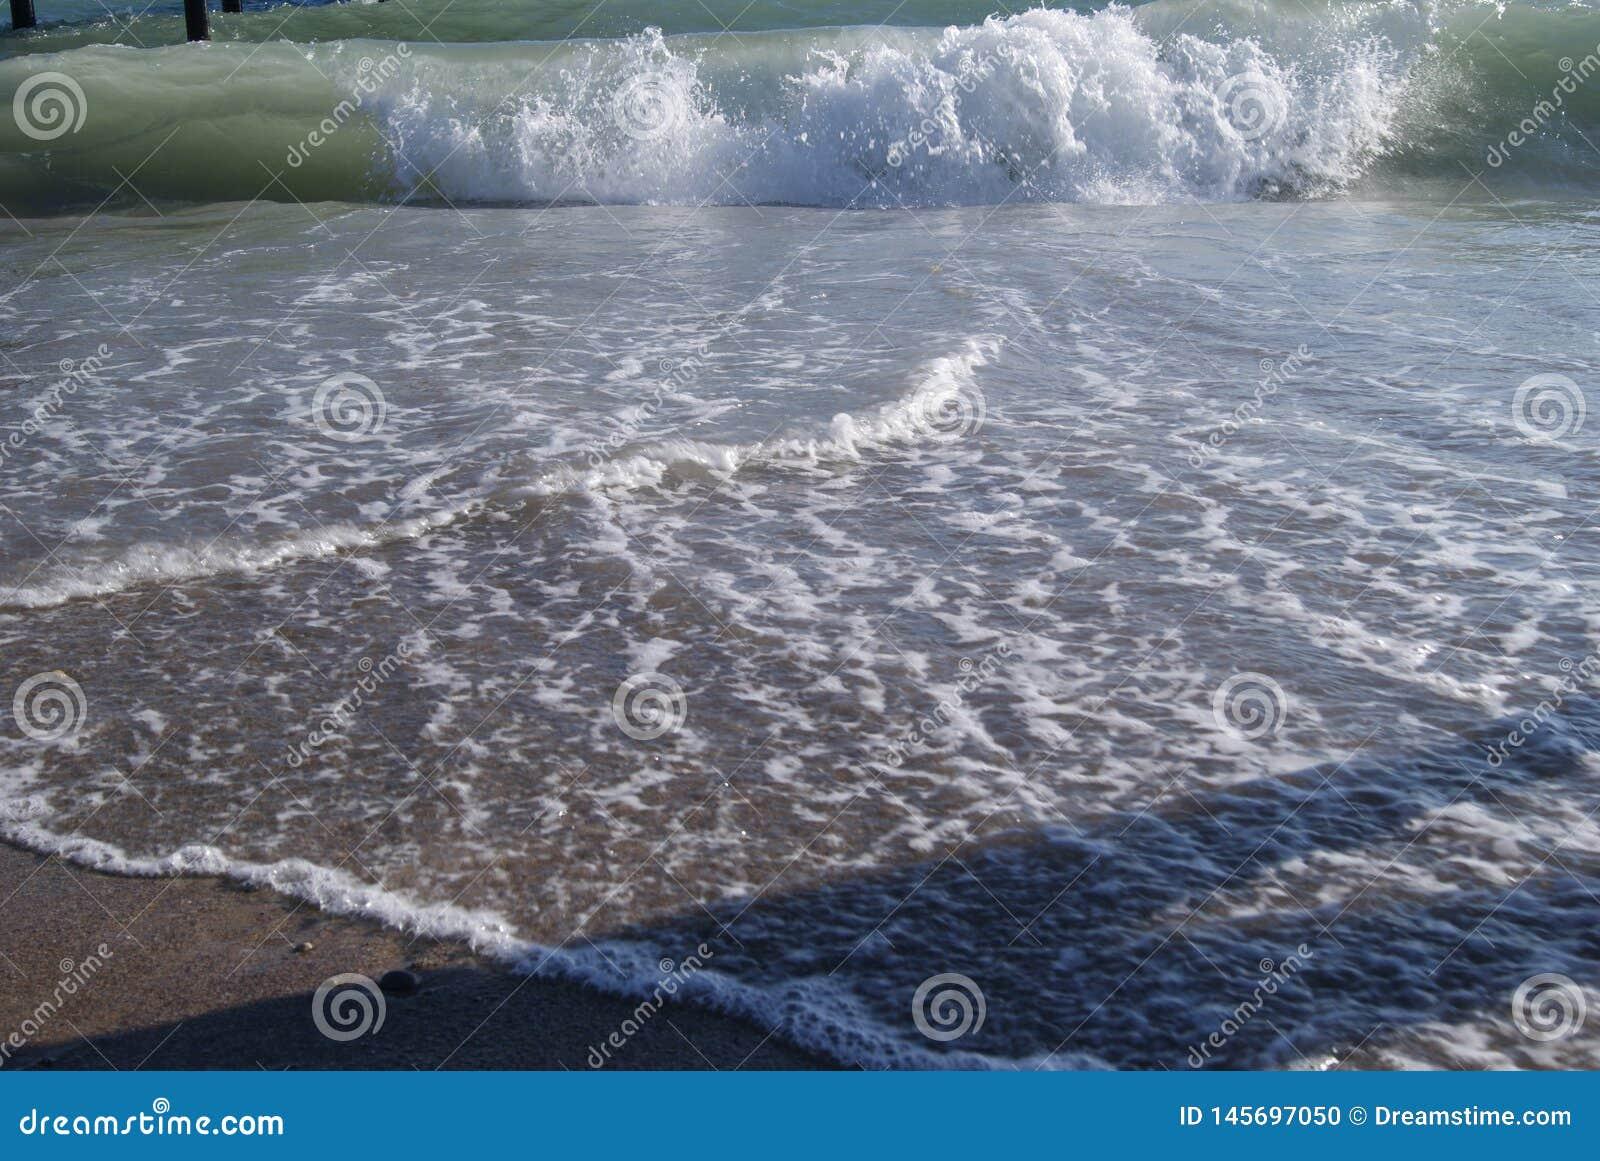 Países del resto del mar de Turquía donde la arena blanca y el wate azul